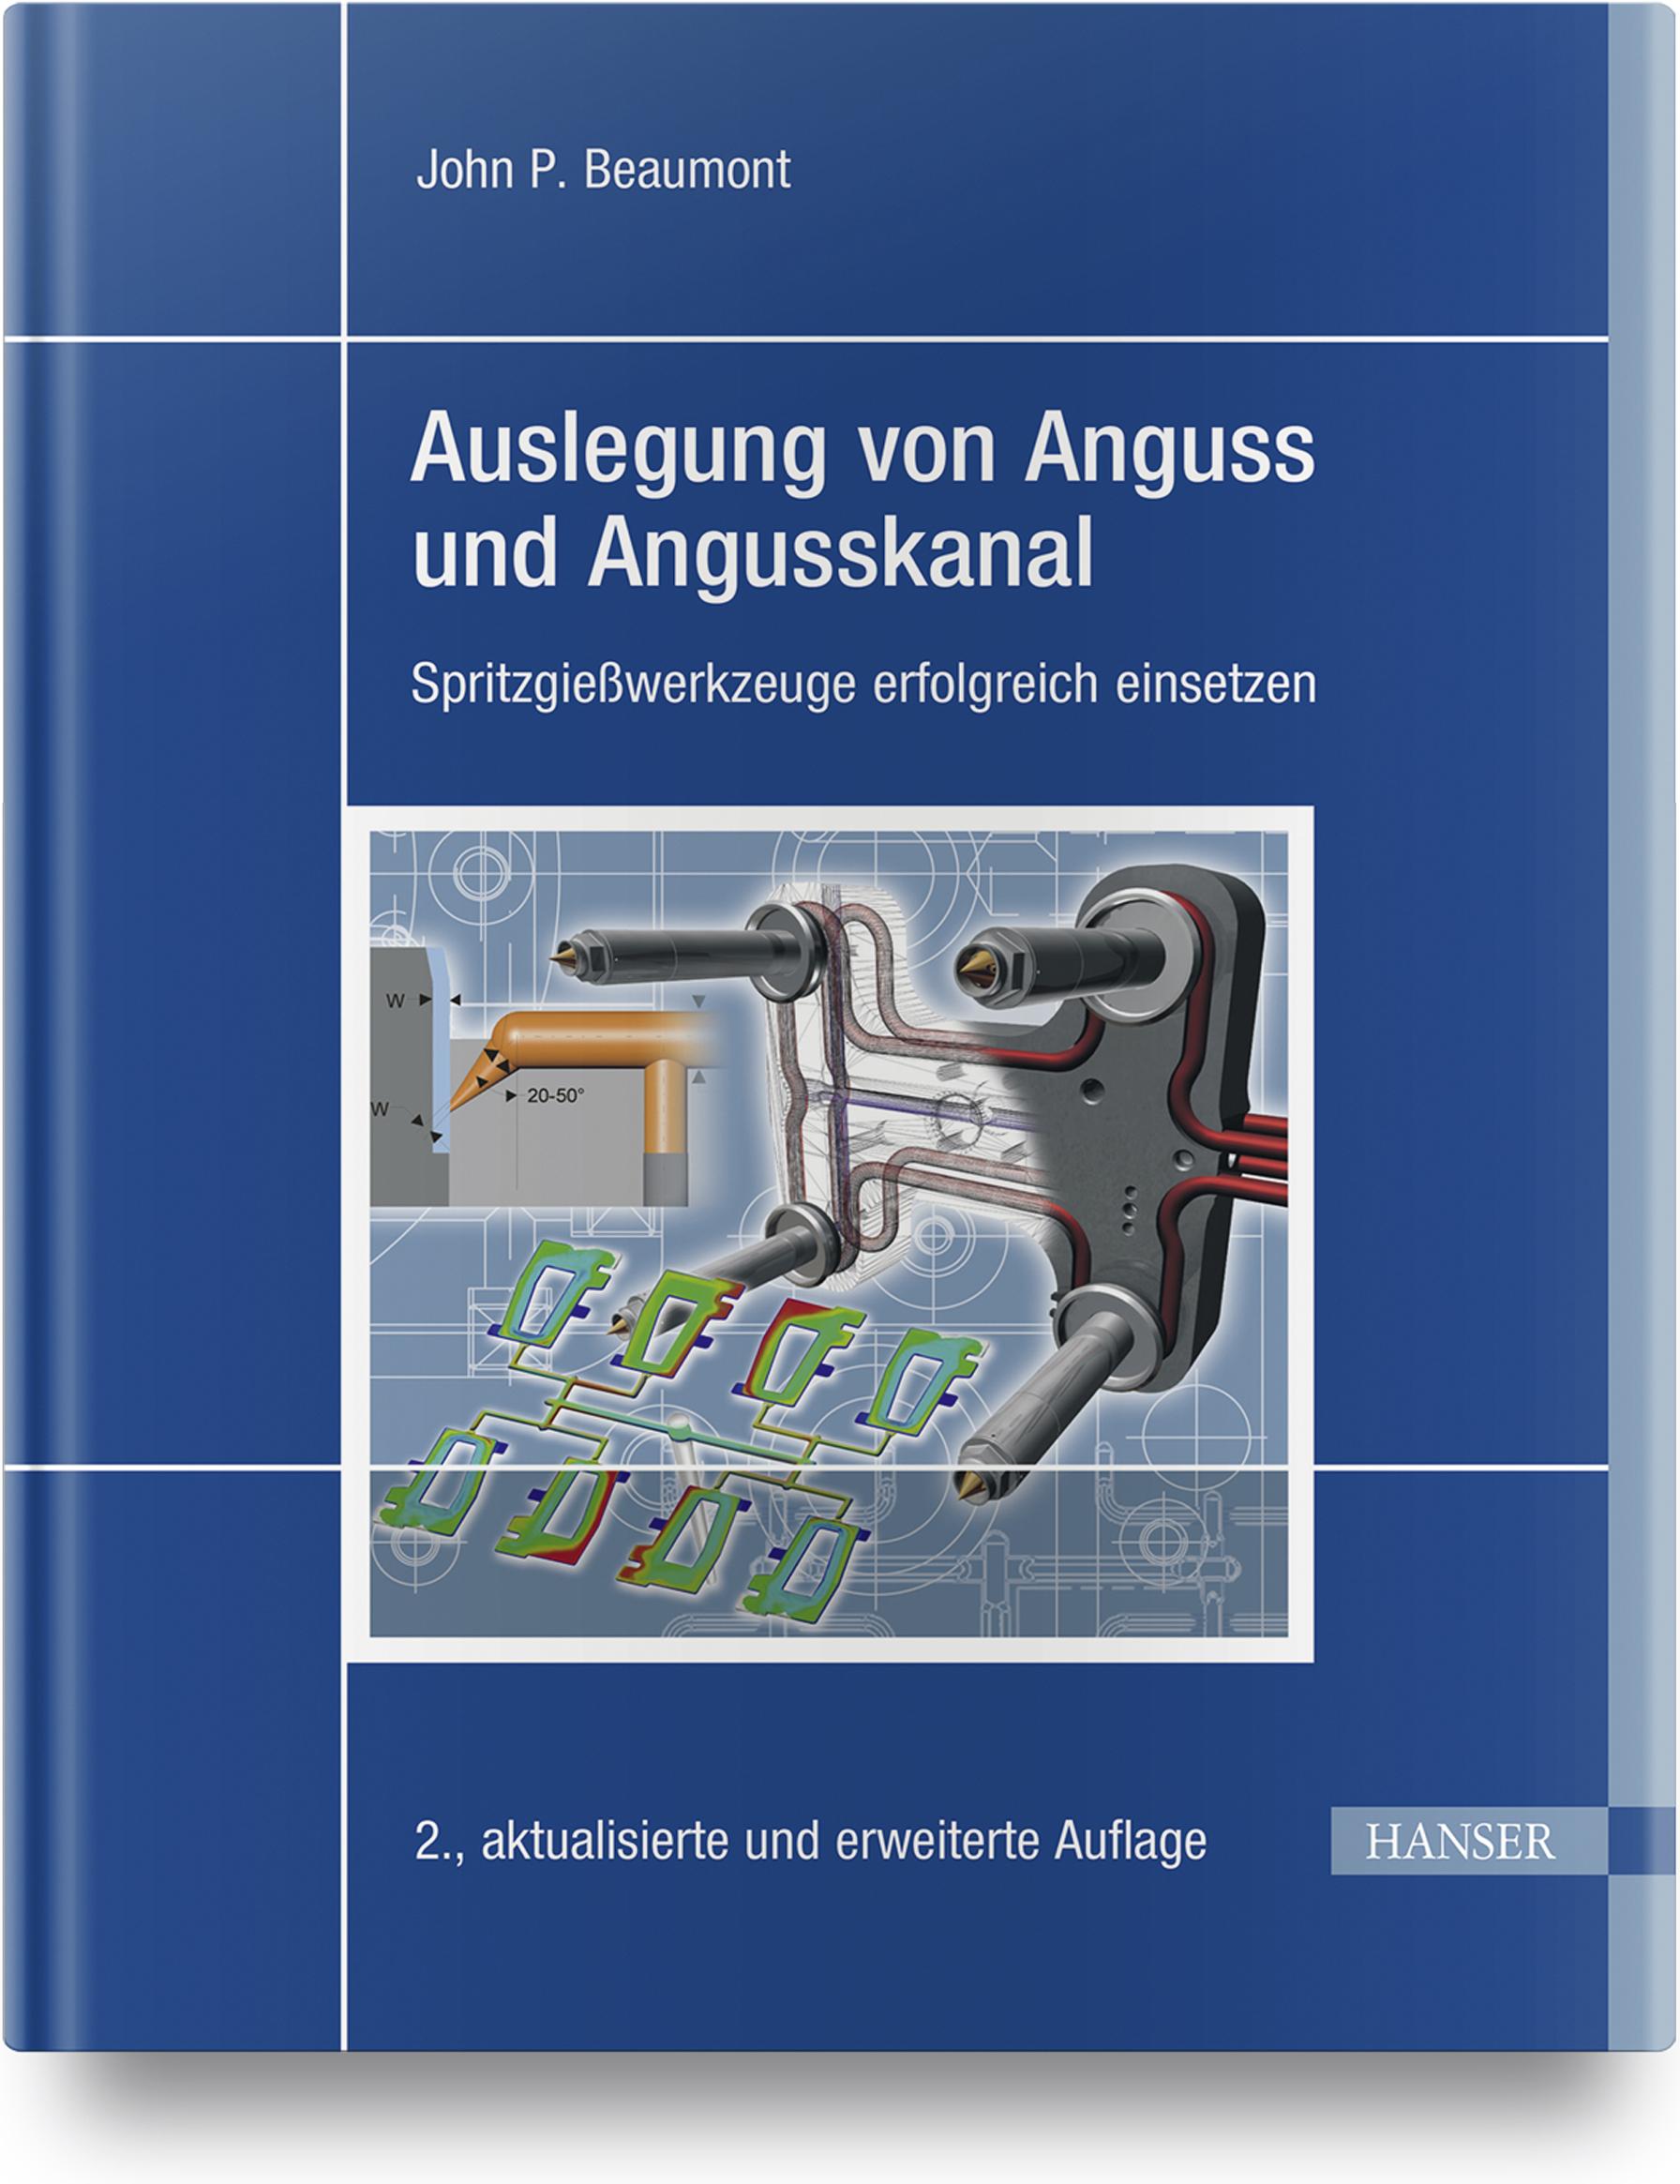 Beaumont, Auslegung von Anguss und Angusskanal, 978-3-446-46289-2